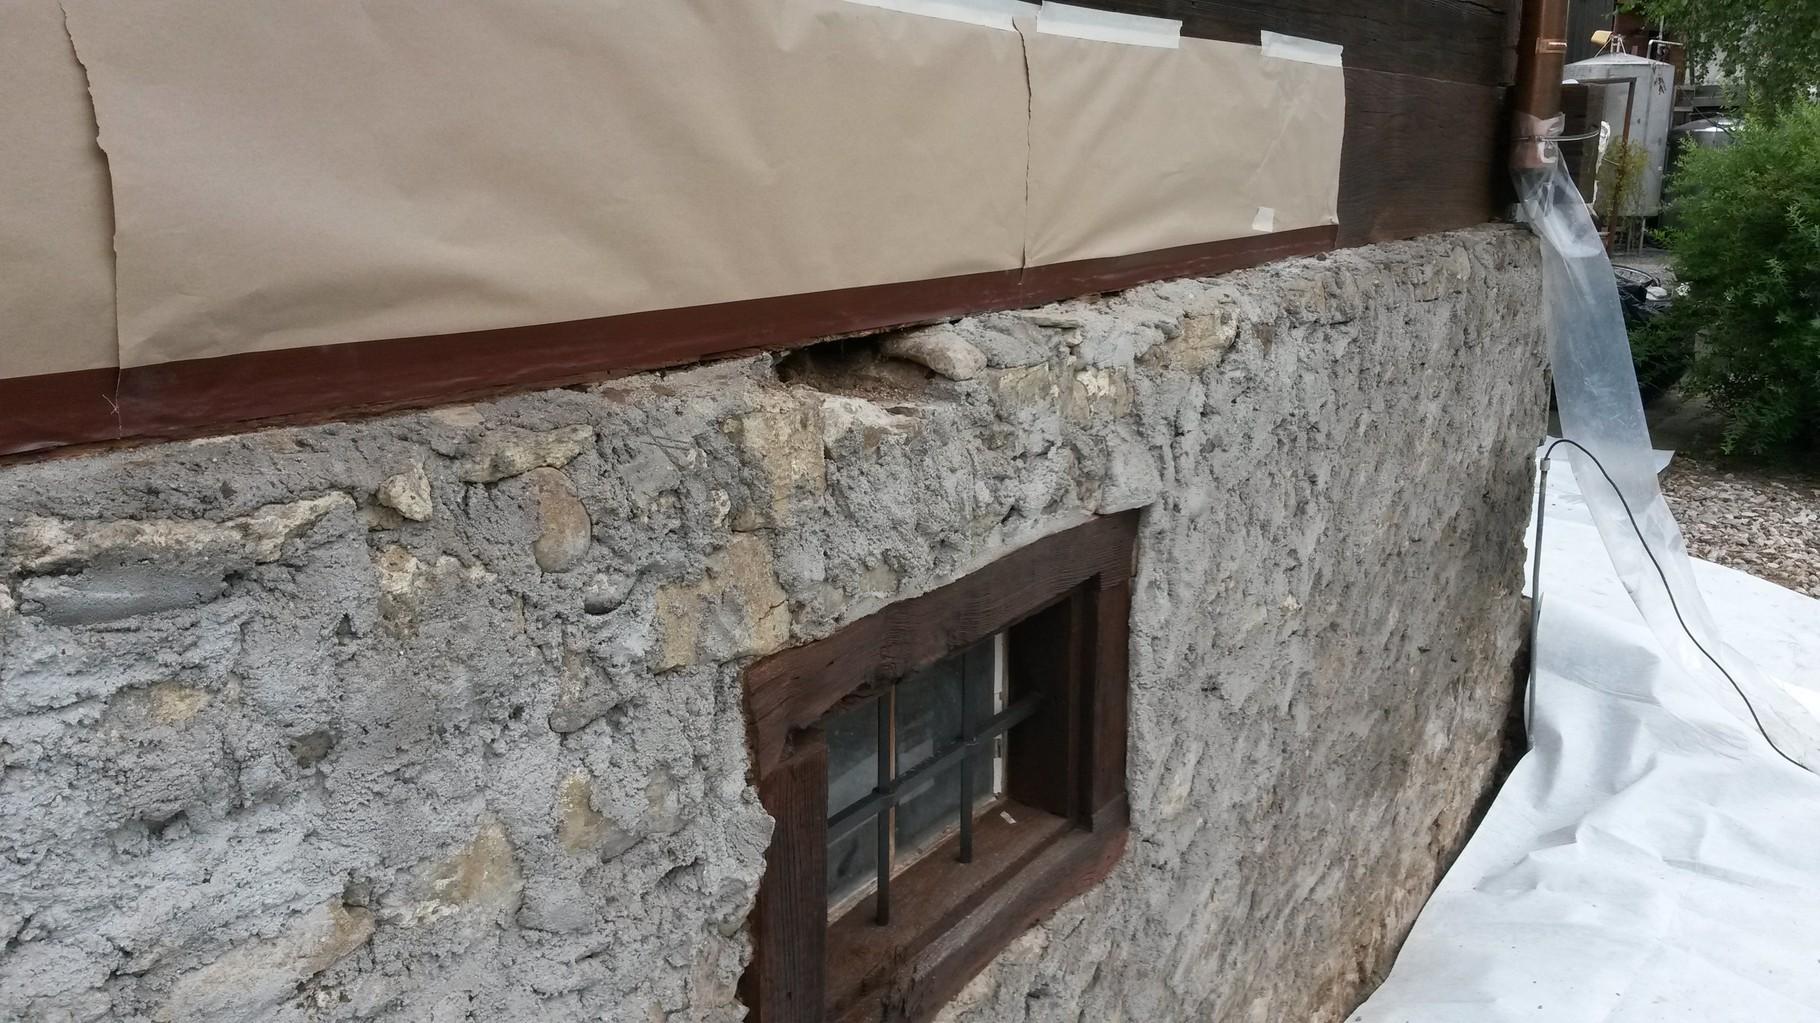 garage verputzen ausgleichshaftputz auf bestehende beton. Black Bedroom Furniture Sets. Home Design Ideas